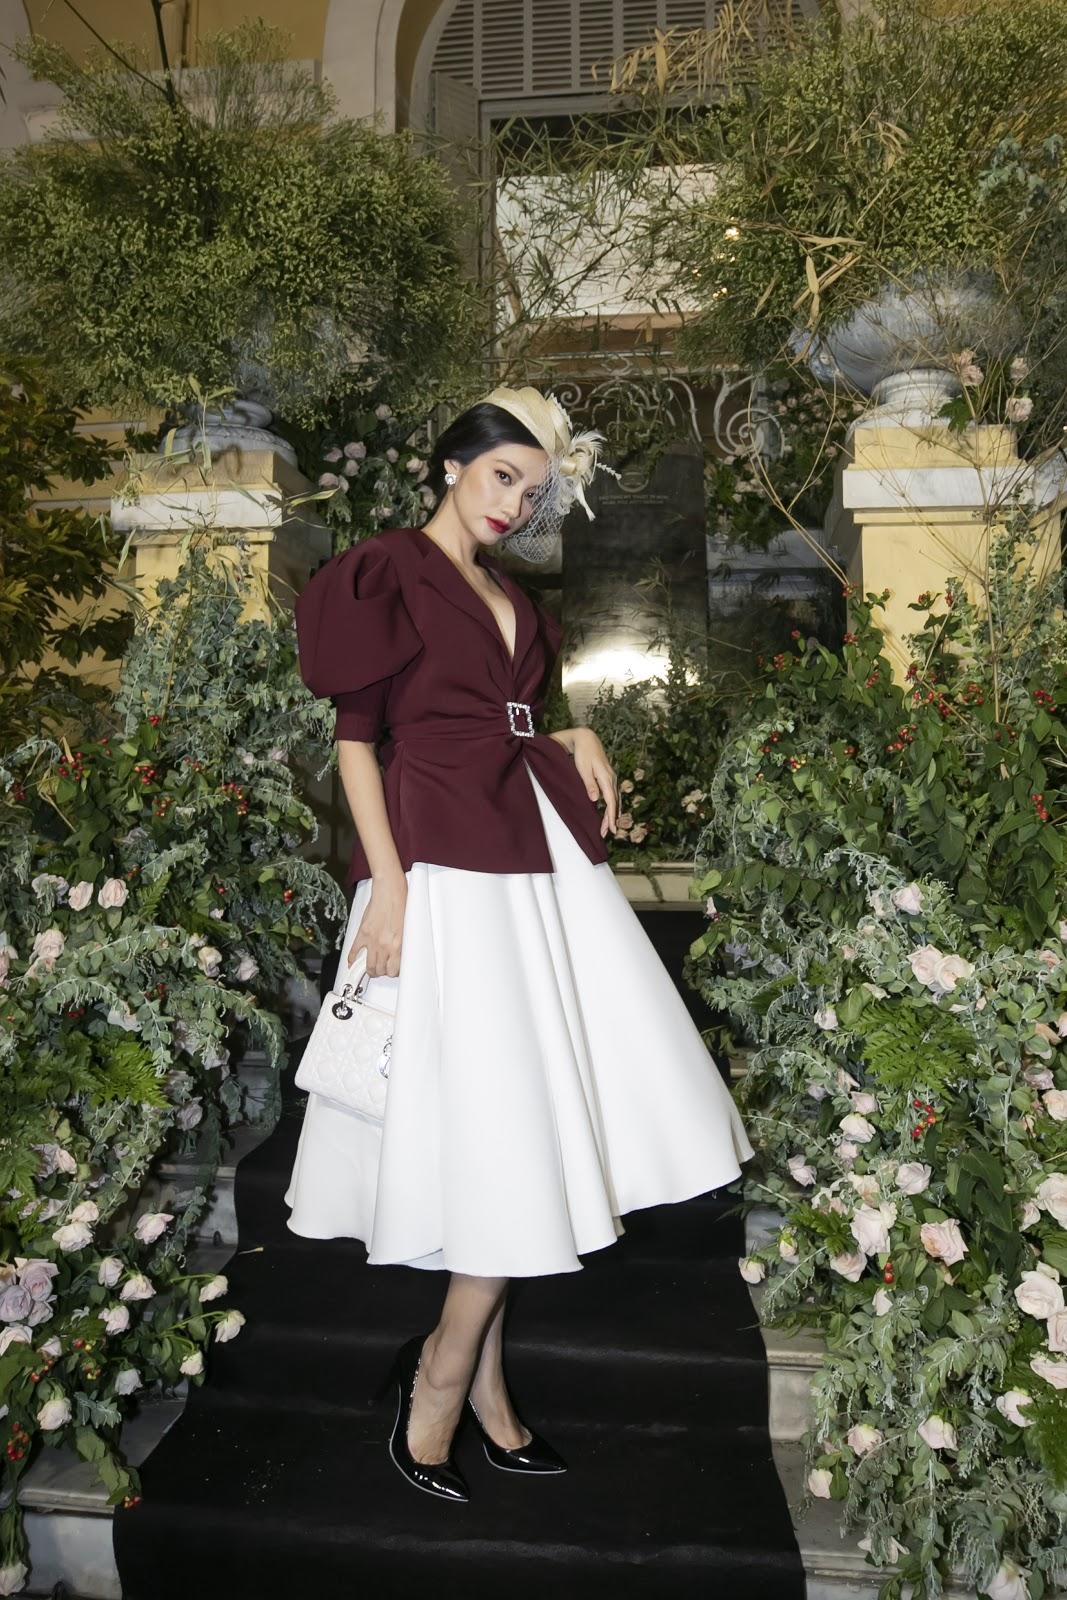 'Cuộc chiến váy áo' của các mỹ nhân trên thảm đỏ 'Beauty of Yesterday', Phương Khánh lại một lần nữa gây choáng - Hình 10